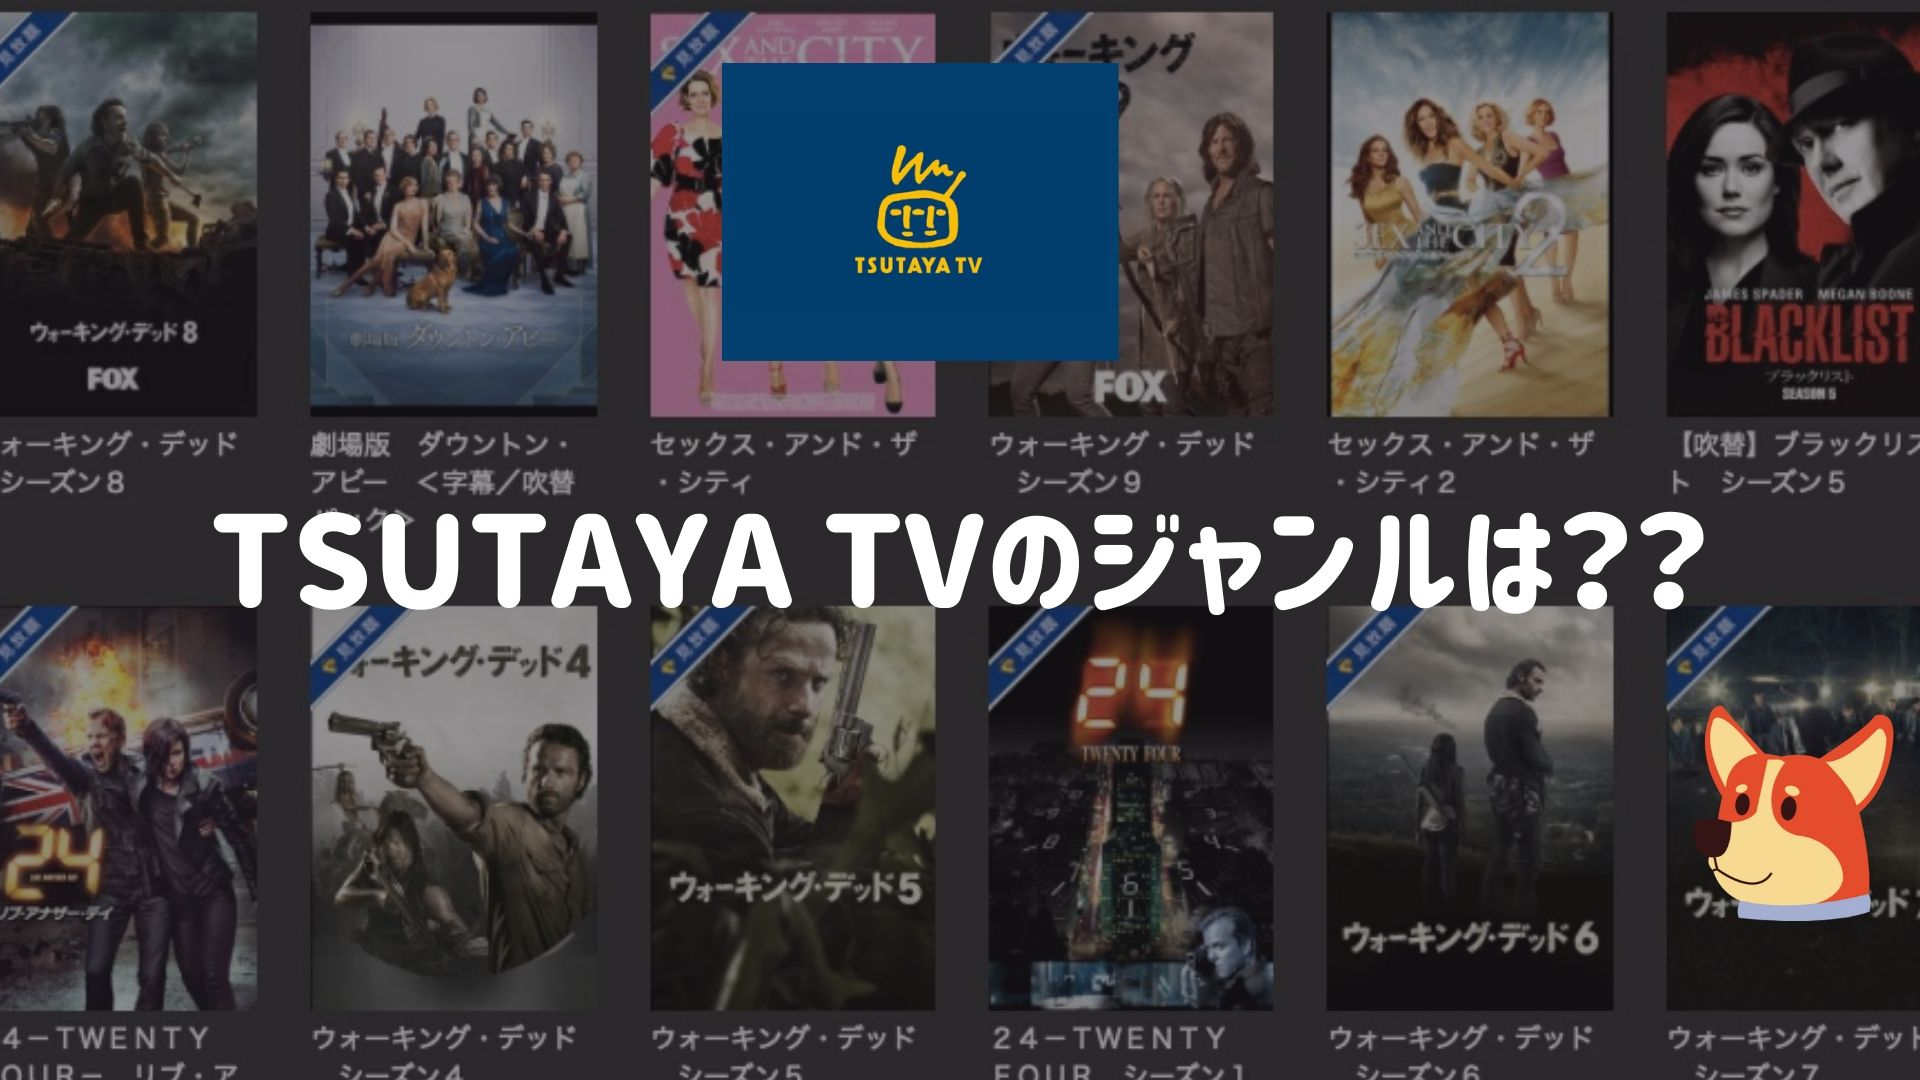 TSUTAYA TVのジャンルについて説明している